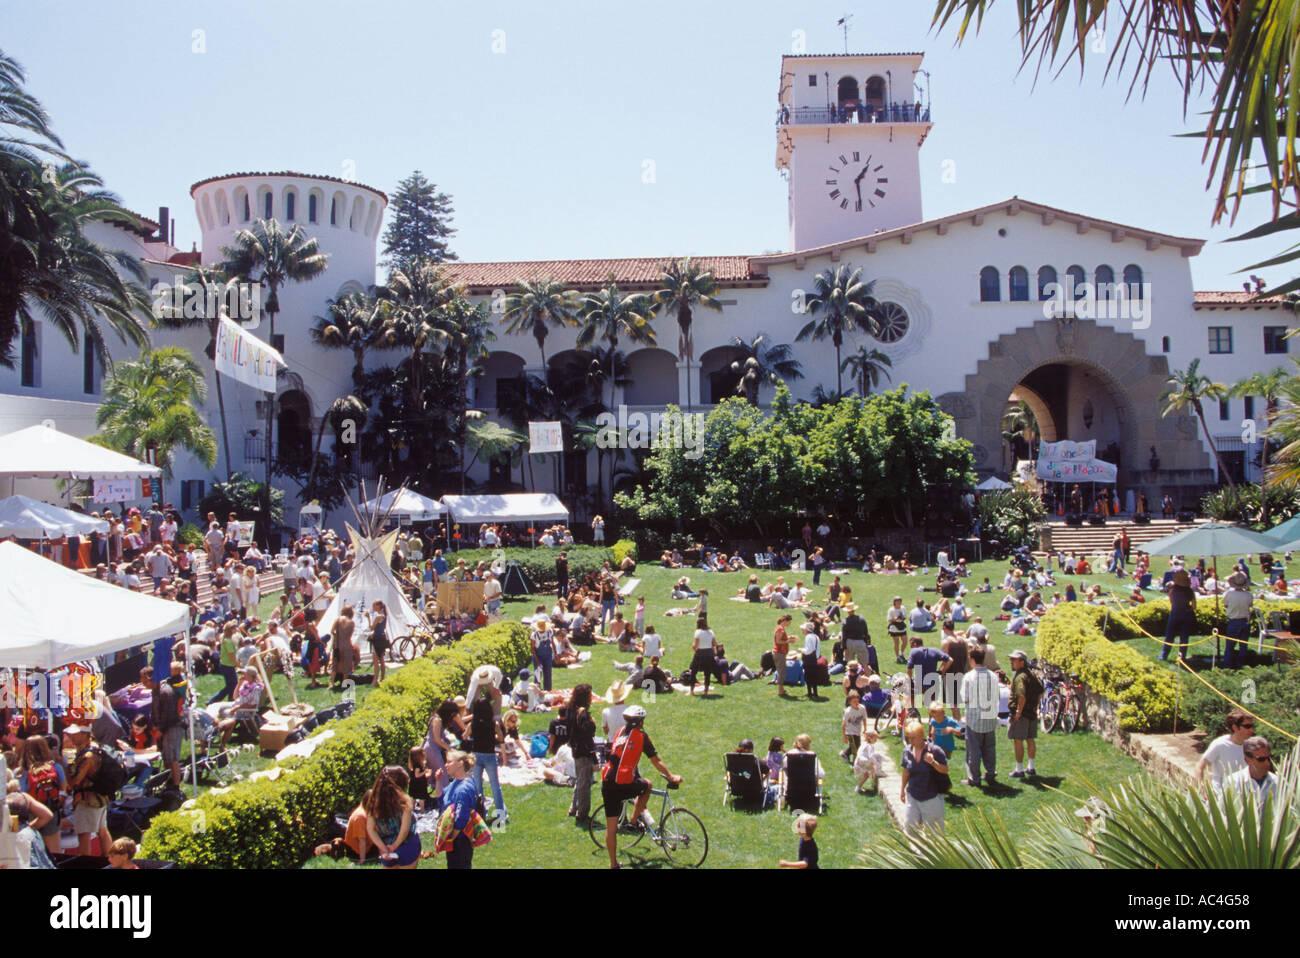 La Giornata della Terra Festival presso la Corte House Gardens, Santa Barbara Courthouse, Santa Barbara, California Immagini Stock